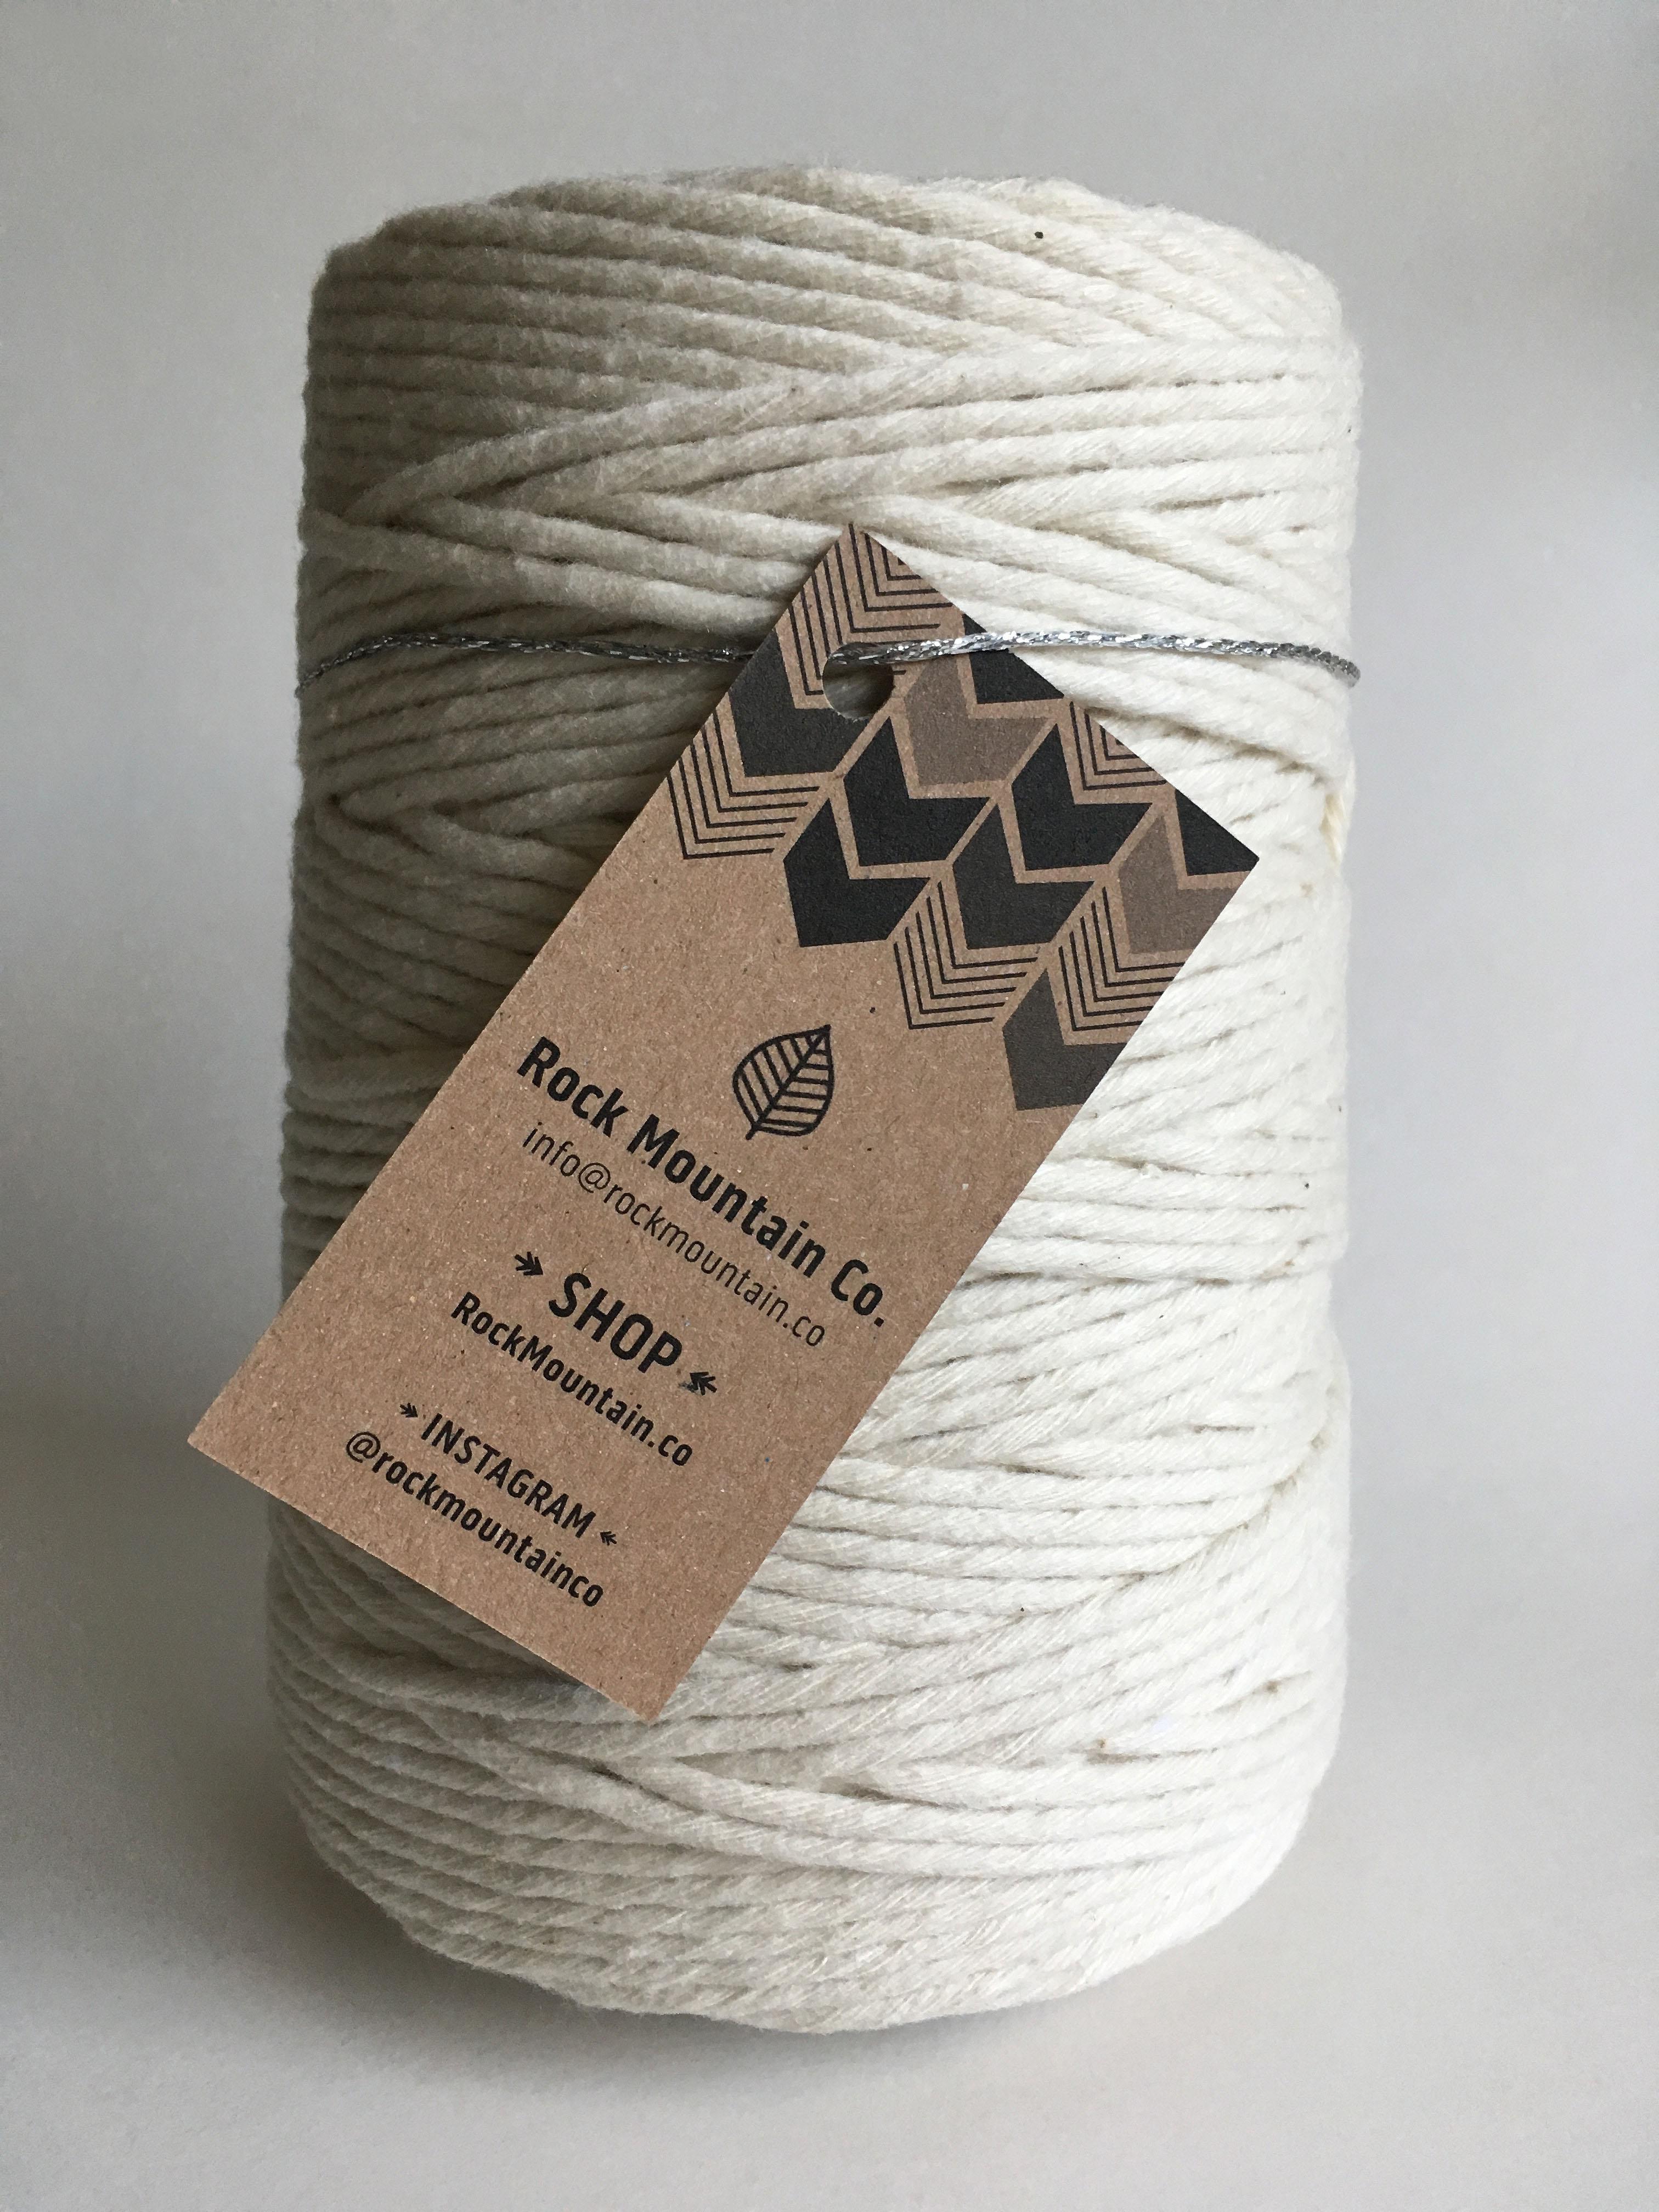 Ecru Macrame Cord Fiber Art Rope 100 Cotton Rmc